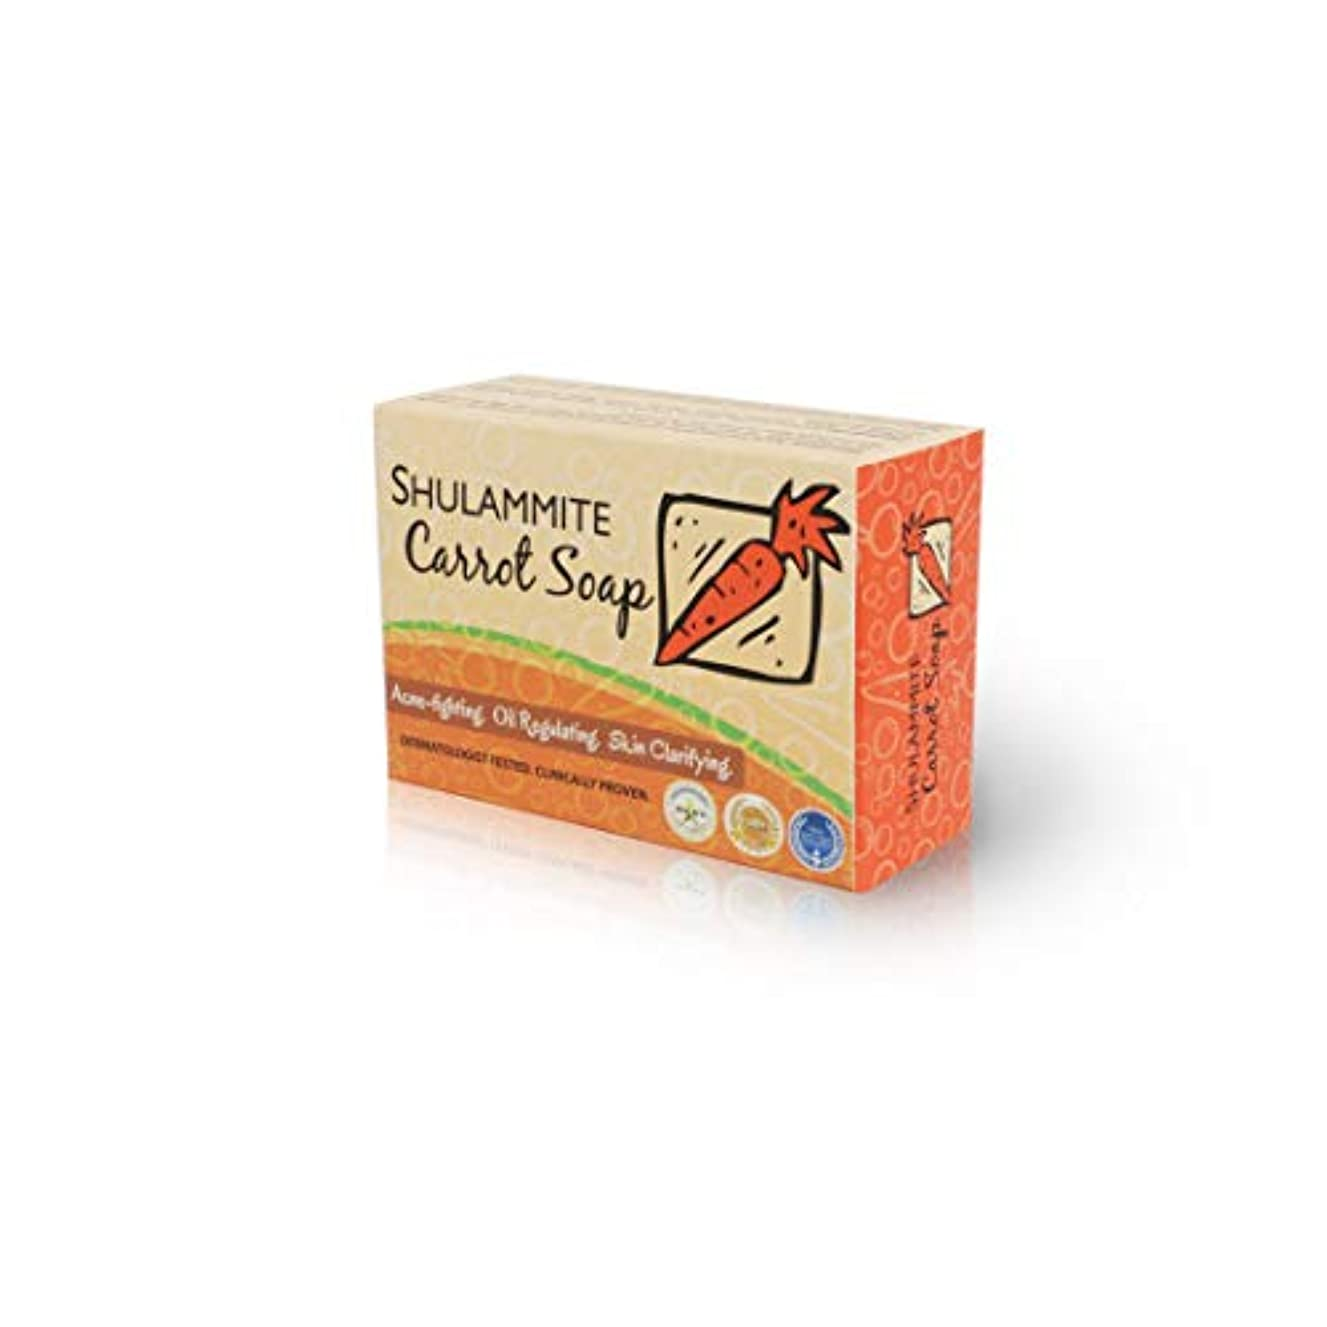 キリンコート水陸両用SHULAMMITE Carrot Soap キャロットソープ150g 正規輸入代理店 Harmony & Wellness Japan distributor! Exclusive contract with manufacturer